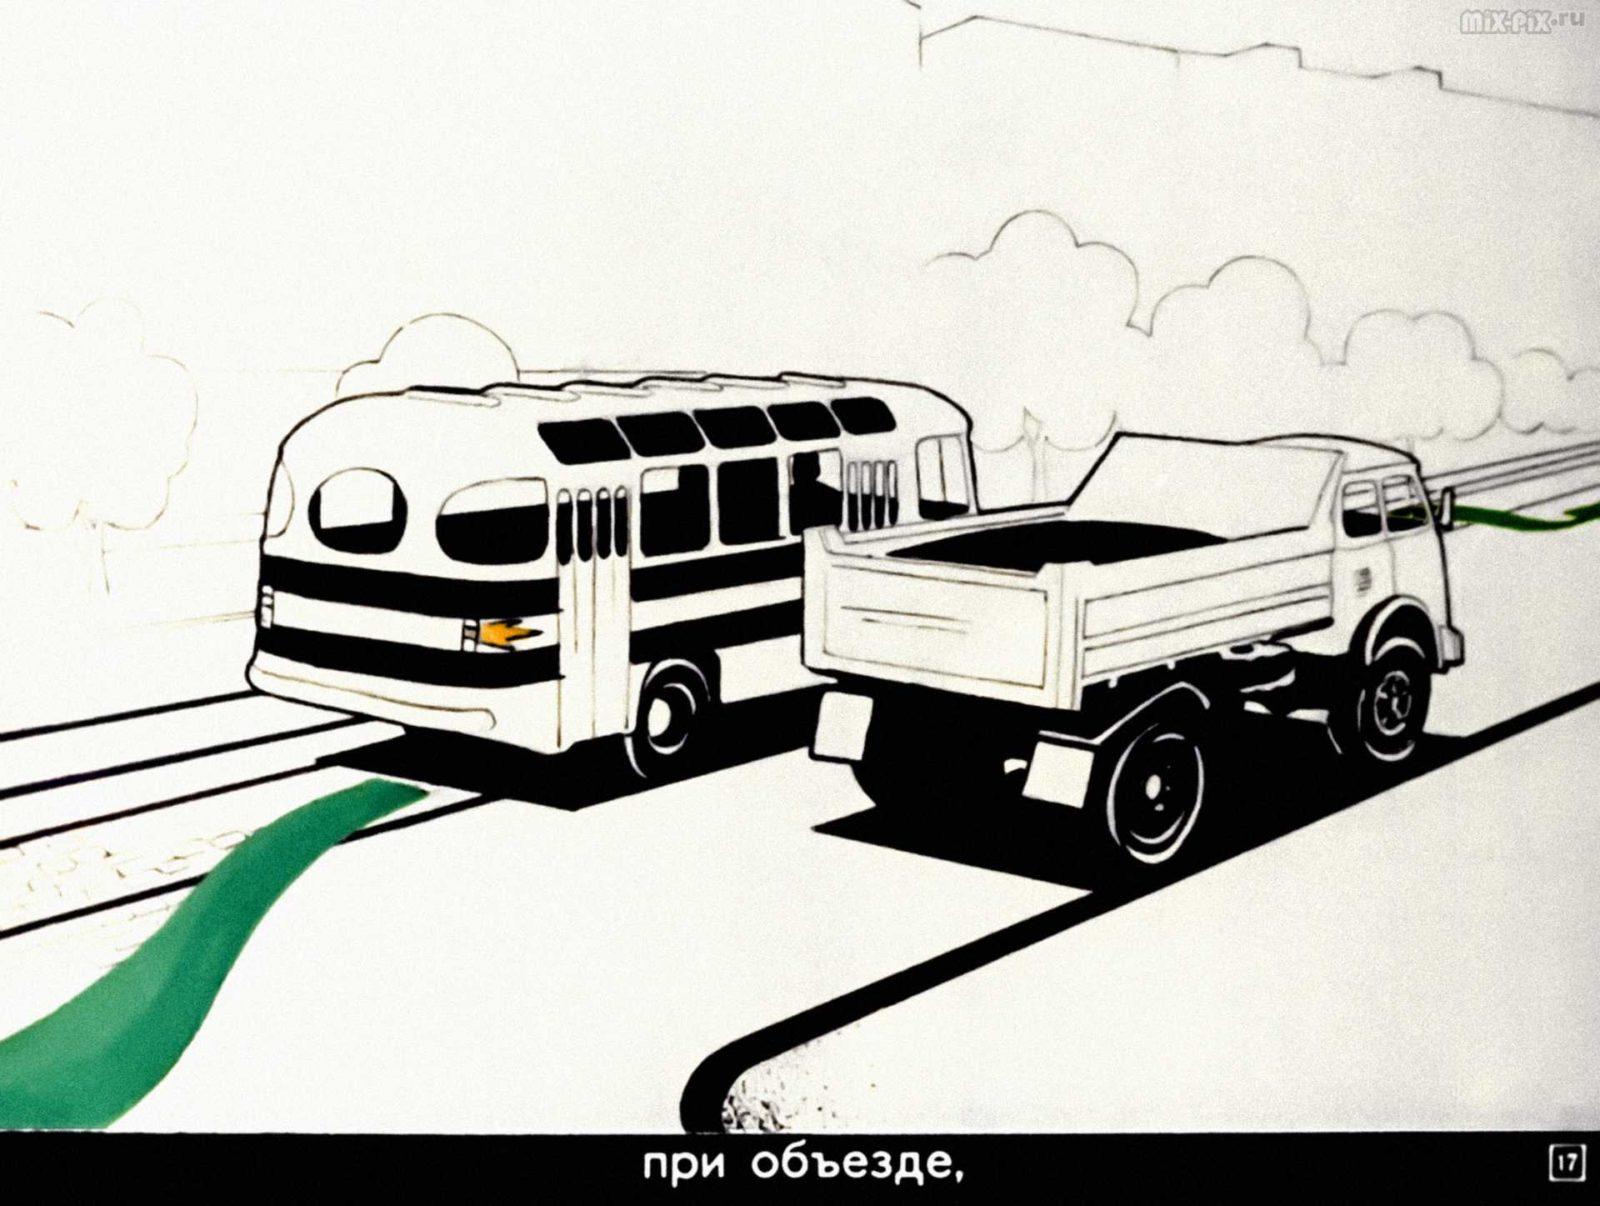 Правила дорожного движения. Расположение транспортных средств на проезжей части. Начало движения. Маневрирование (1983) 38